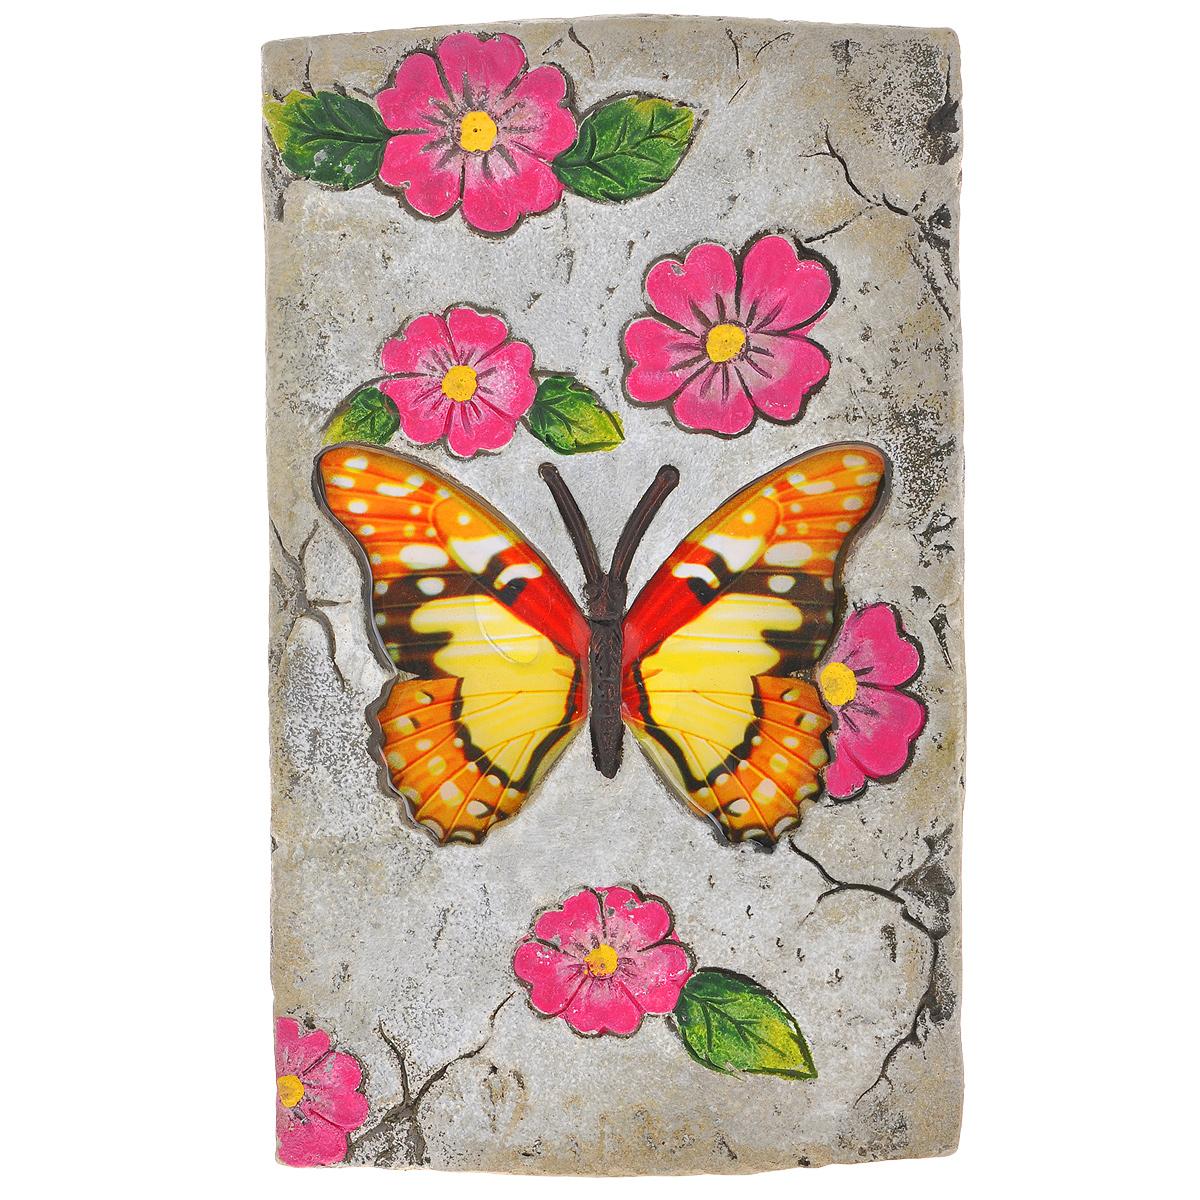 Декоративная фигурка Бабочка, 14 х 23,5 х 1,5 см28334Декоративная фигурка Бабочка прекрасно подойдет для украшения интерьера дома. Изделие выполнено из цемента и имеет шероховатую поверхность. Фигурка украшена изображением бабочки, крылья которой покрыты эмалью, и рельефом в виде розовых цветов. Изящная фигурка станет прекрасным подарком, который обязательно порадует получателя.